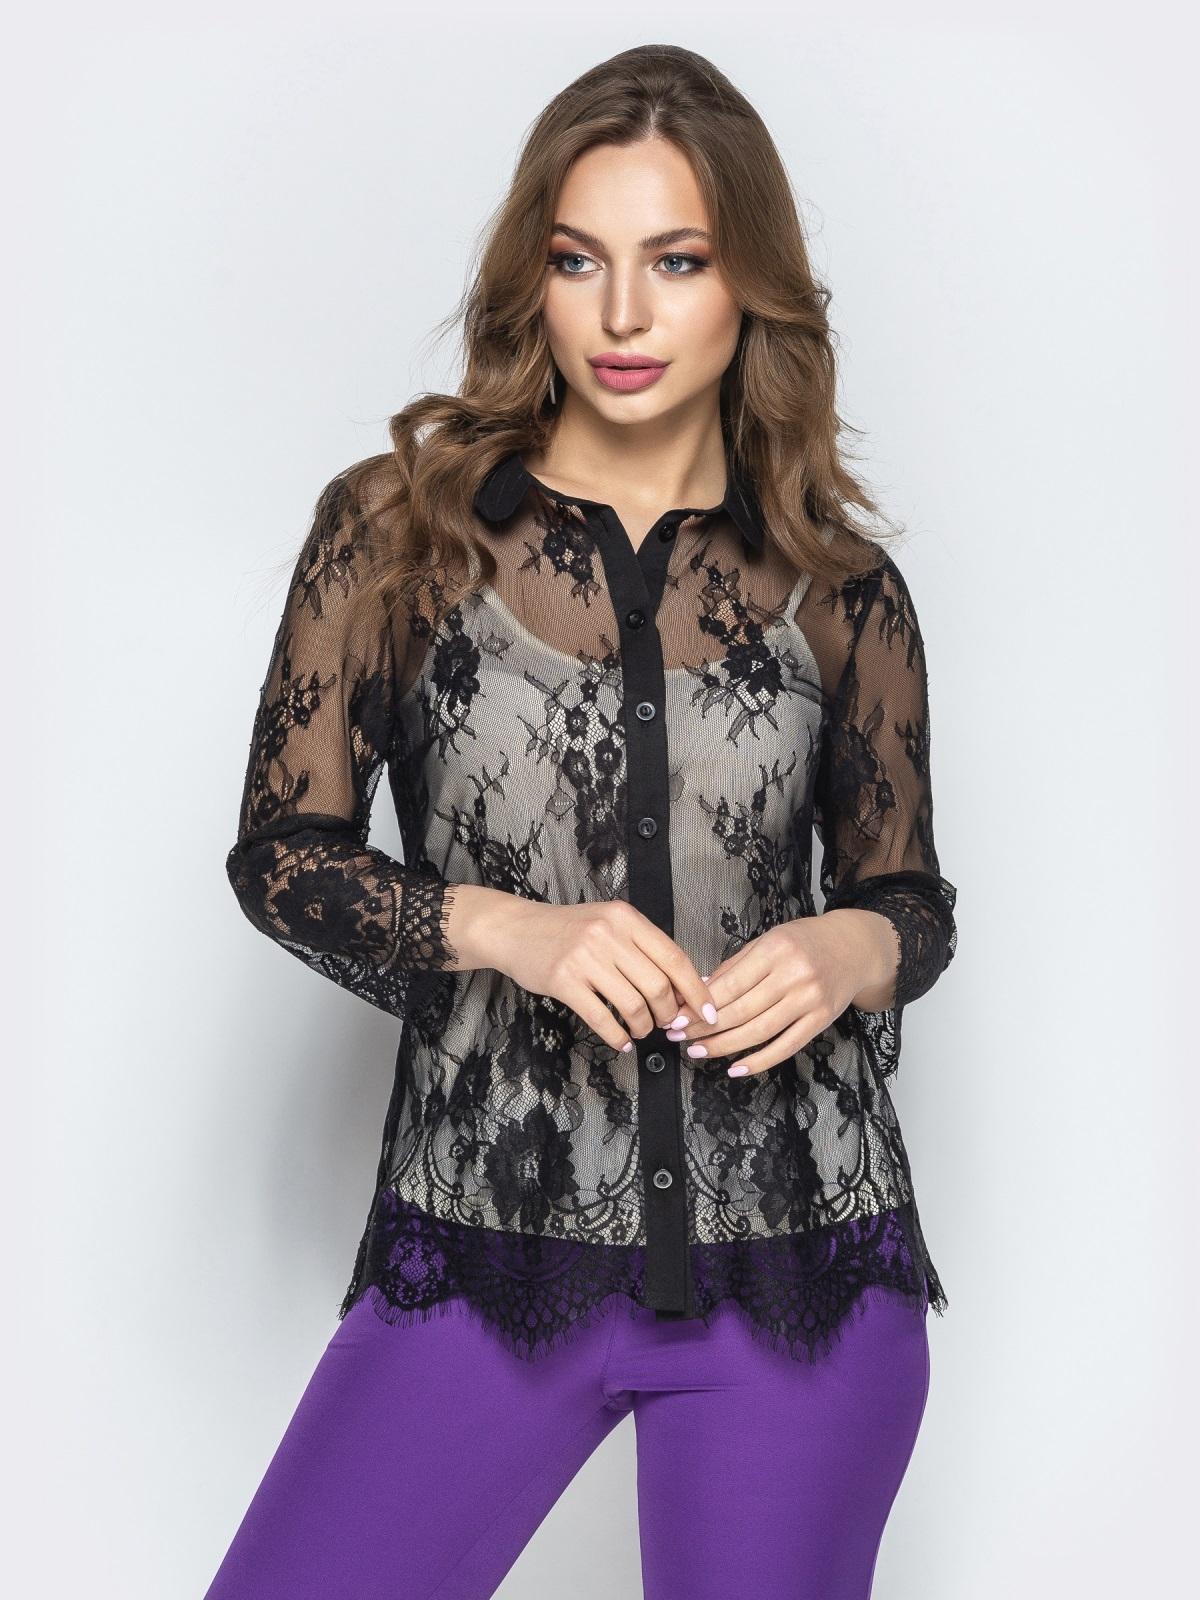 Кружевная блузка с топом из микромасла чёрная - 22200, фото 1 – интернет-магазин Dressa